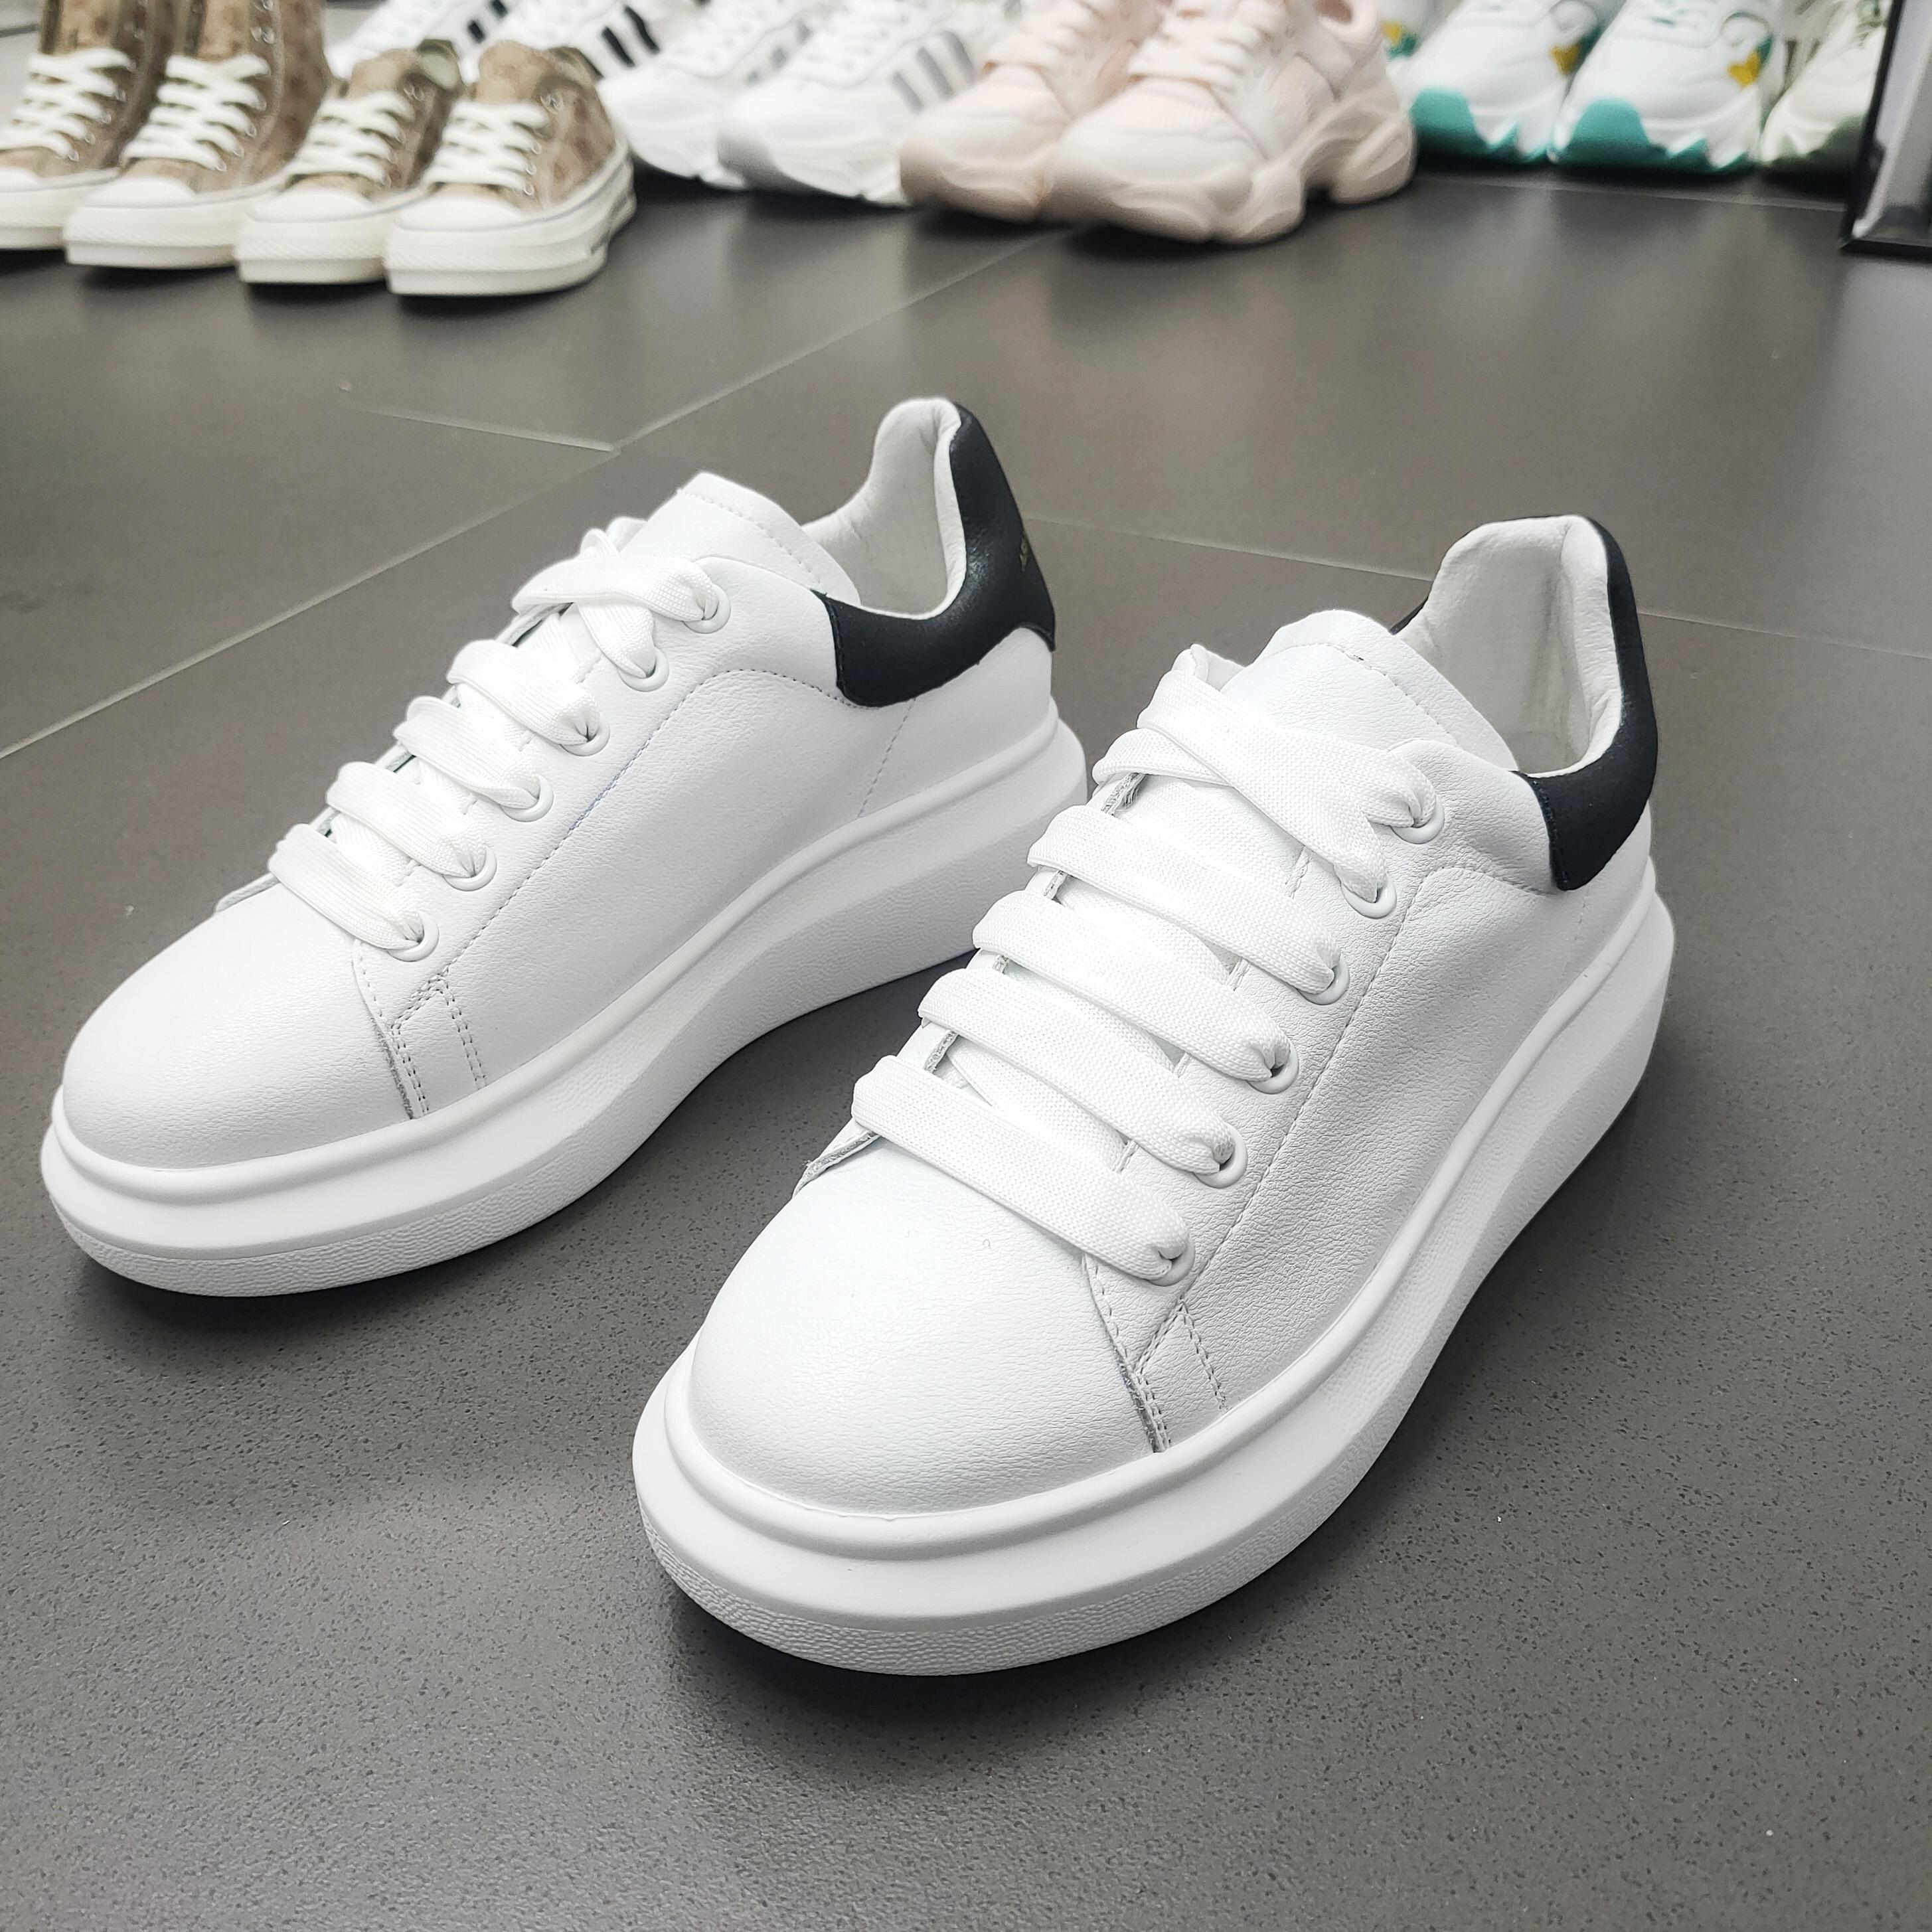 2020新款韩版春款厚底运动休闲系带百搭女鞋平底真皮鞋D3101-1